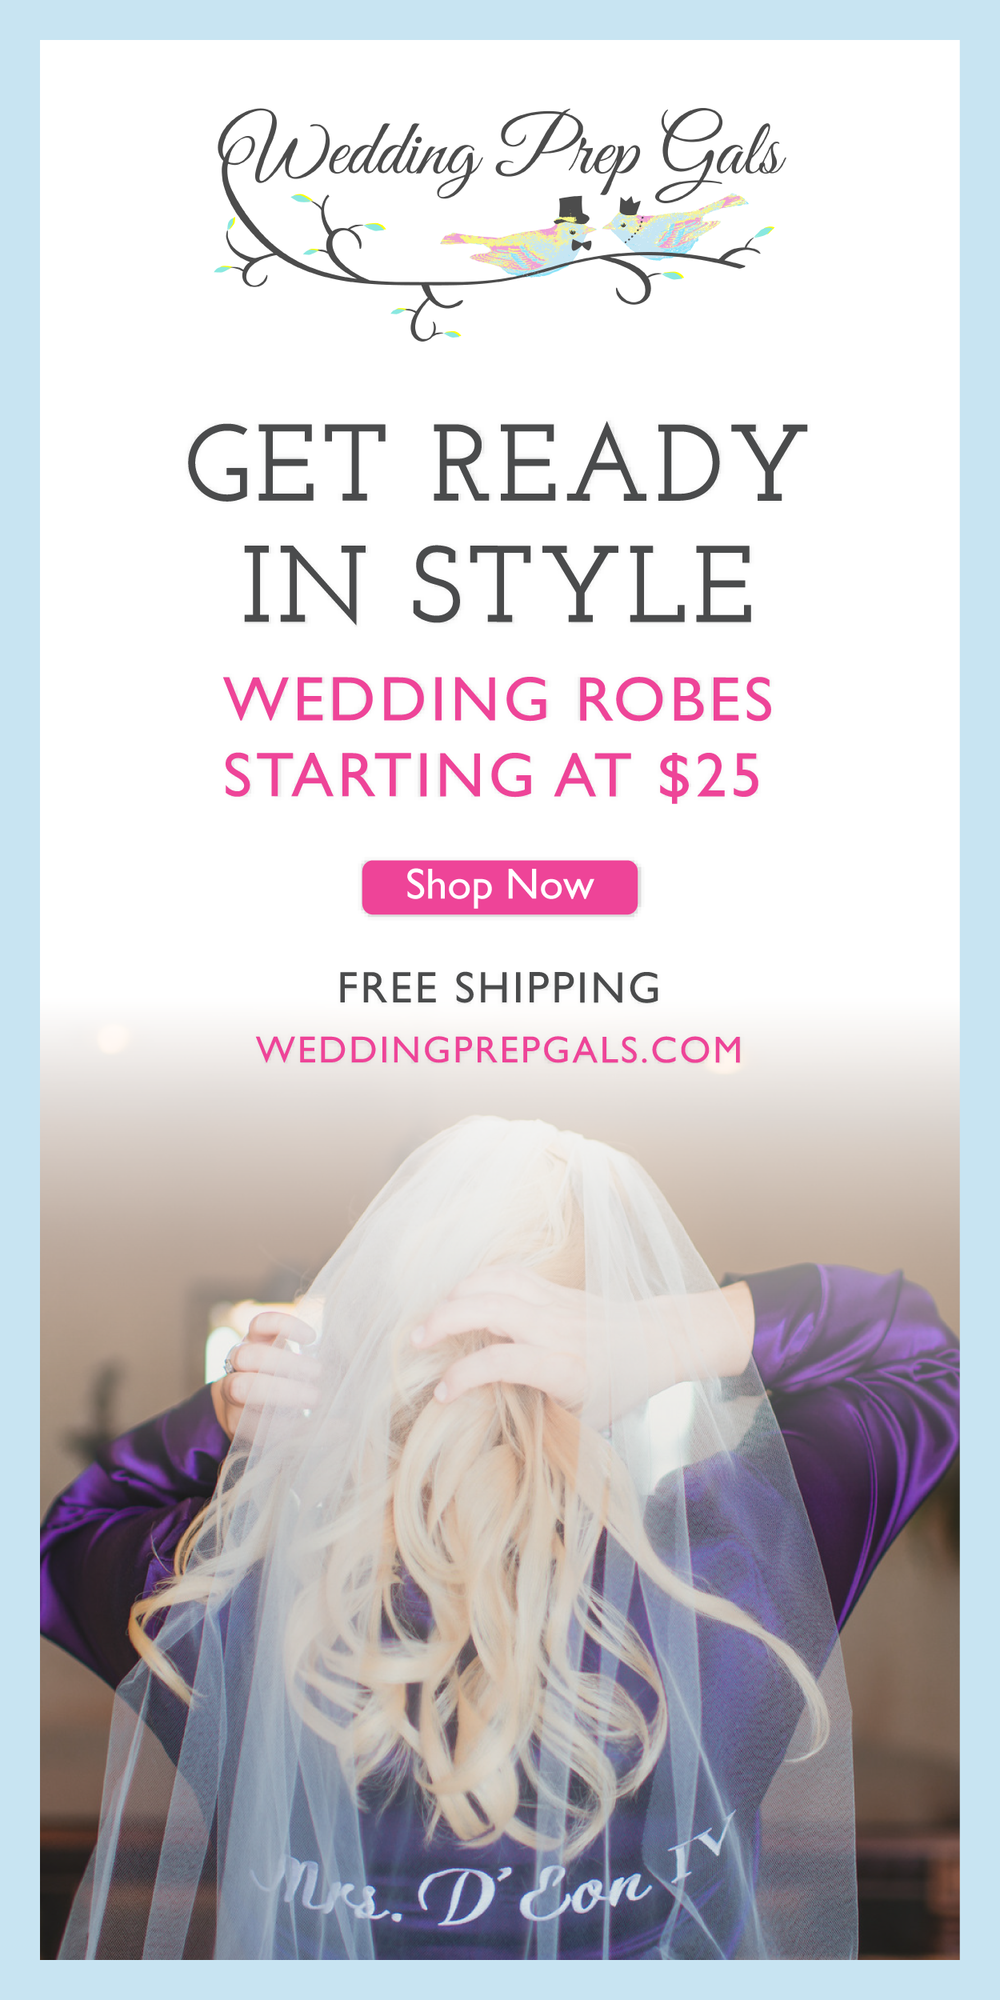 Wedding Prep Gals Ads v2-06.png